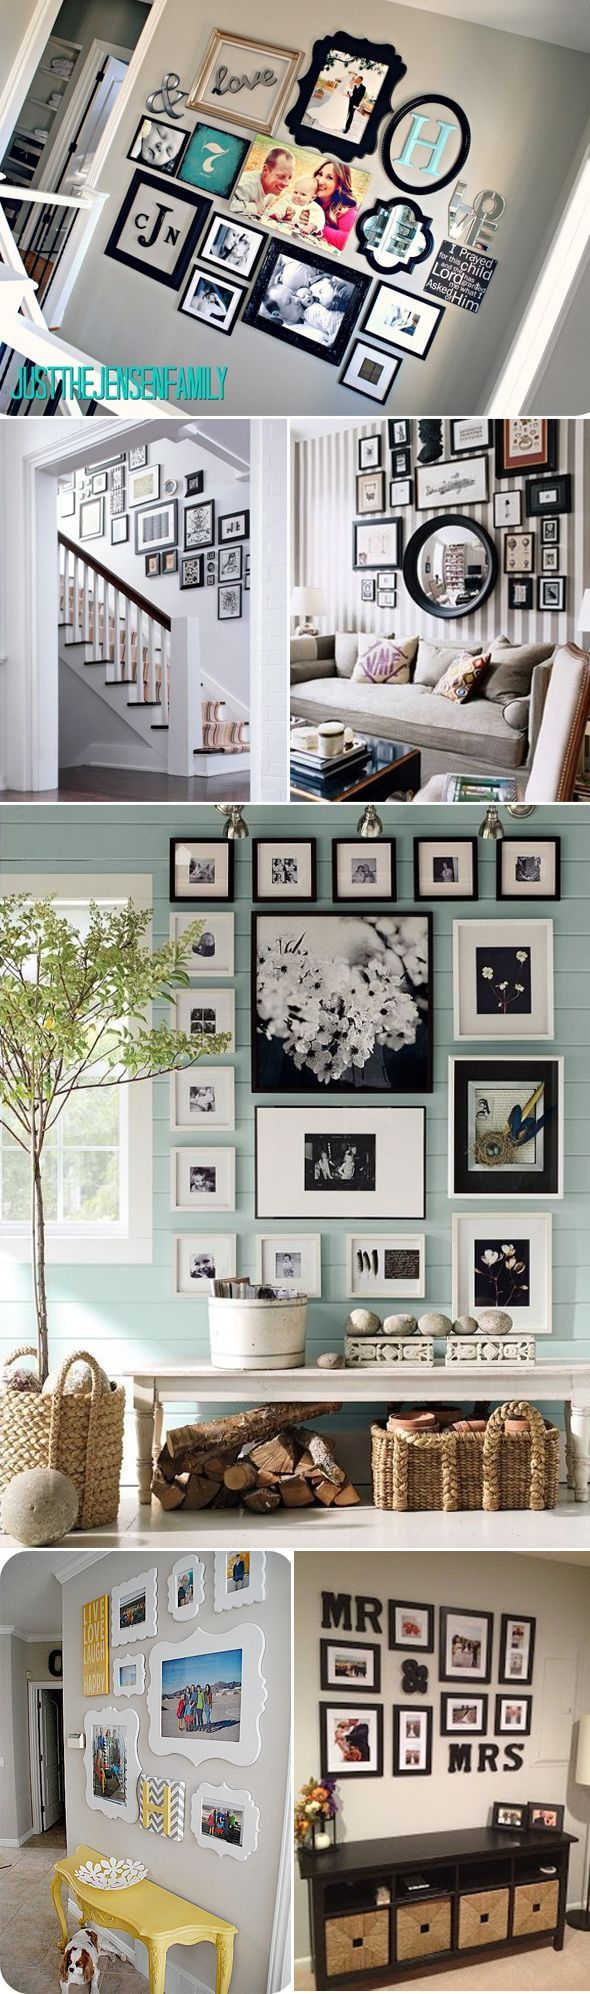 Így akasztják a képeket a falra a lakberendezők, hogy ne legyenek unalmasak